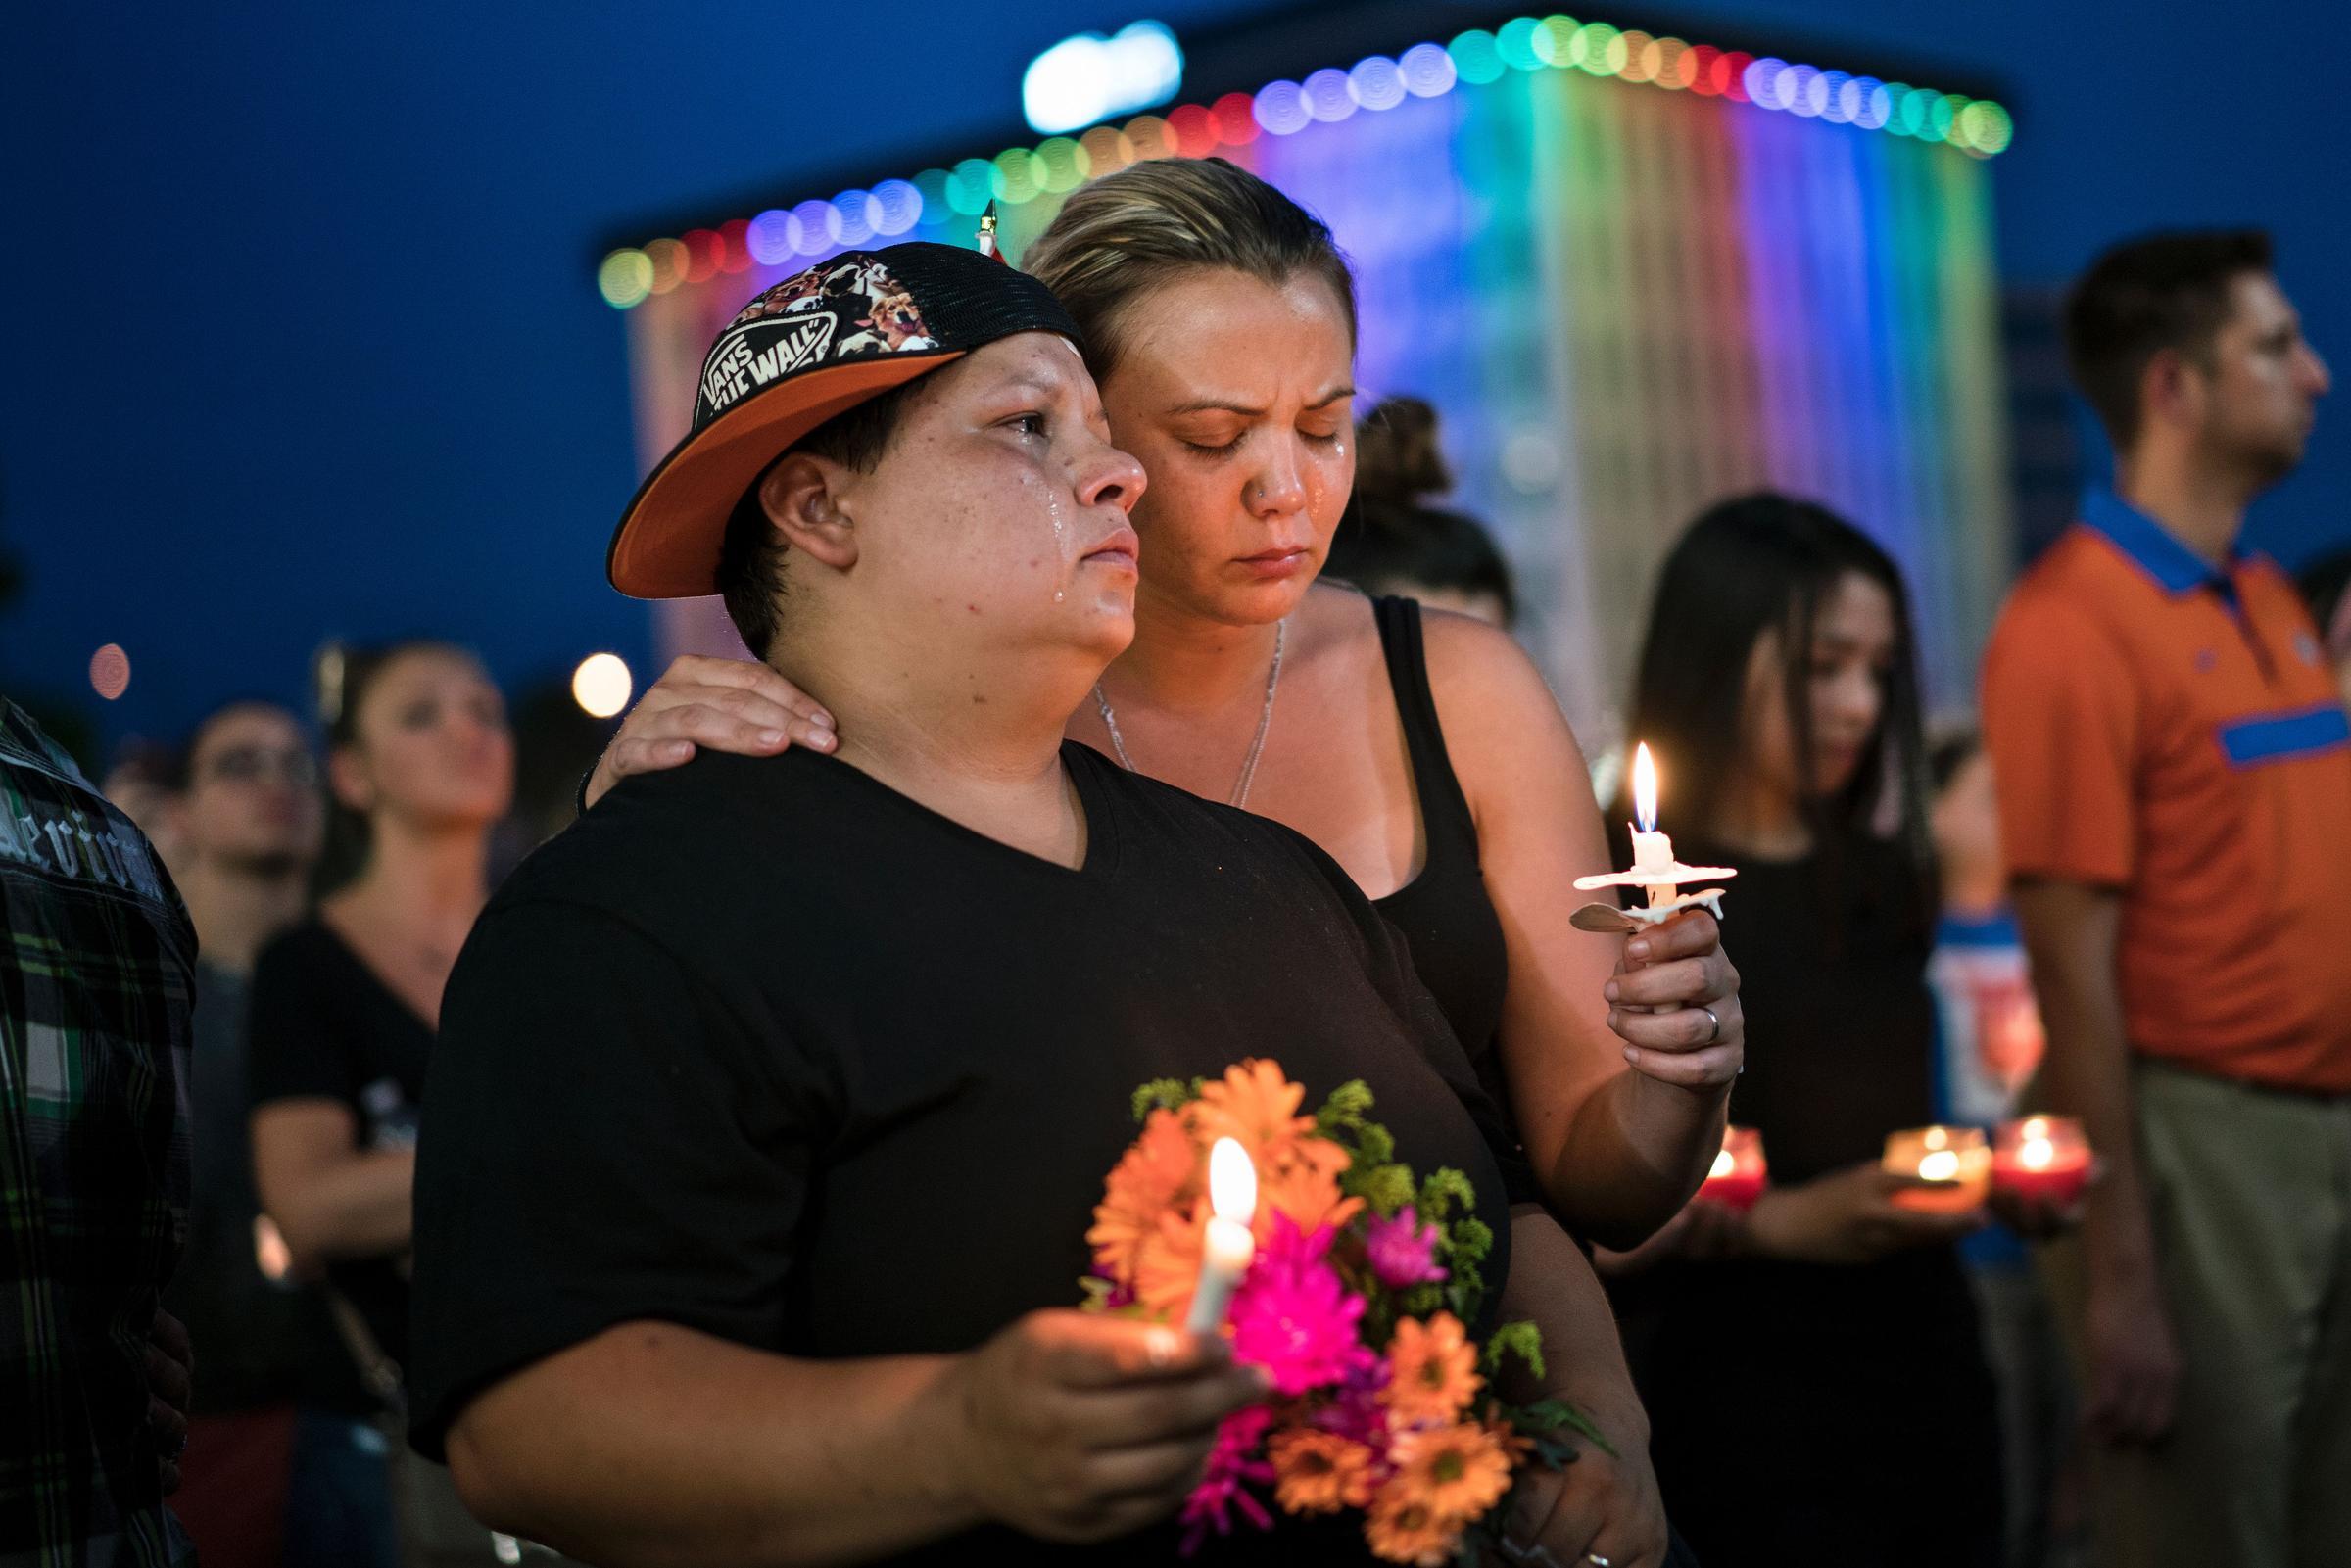 pulse anniversary vigil